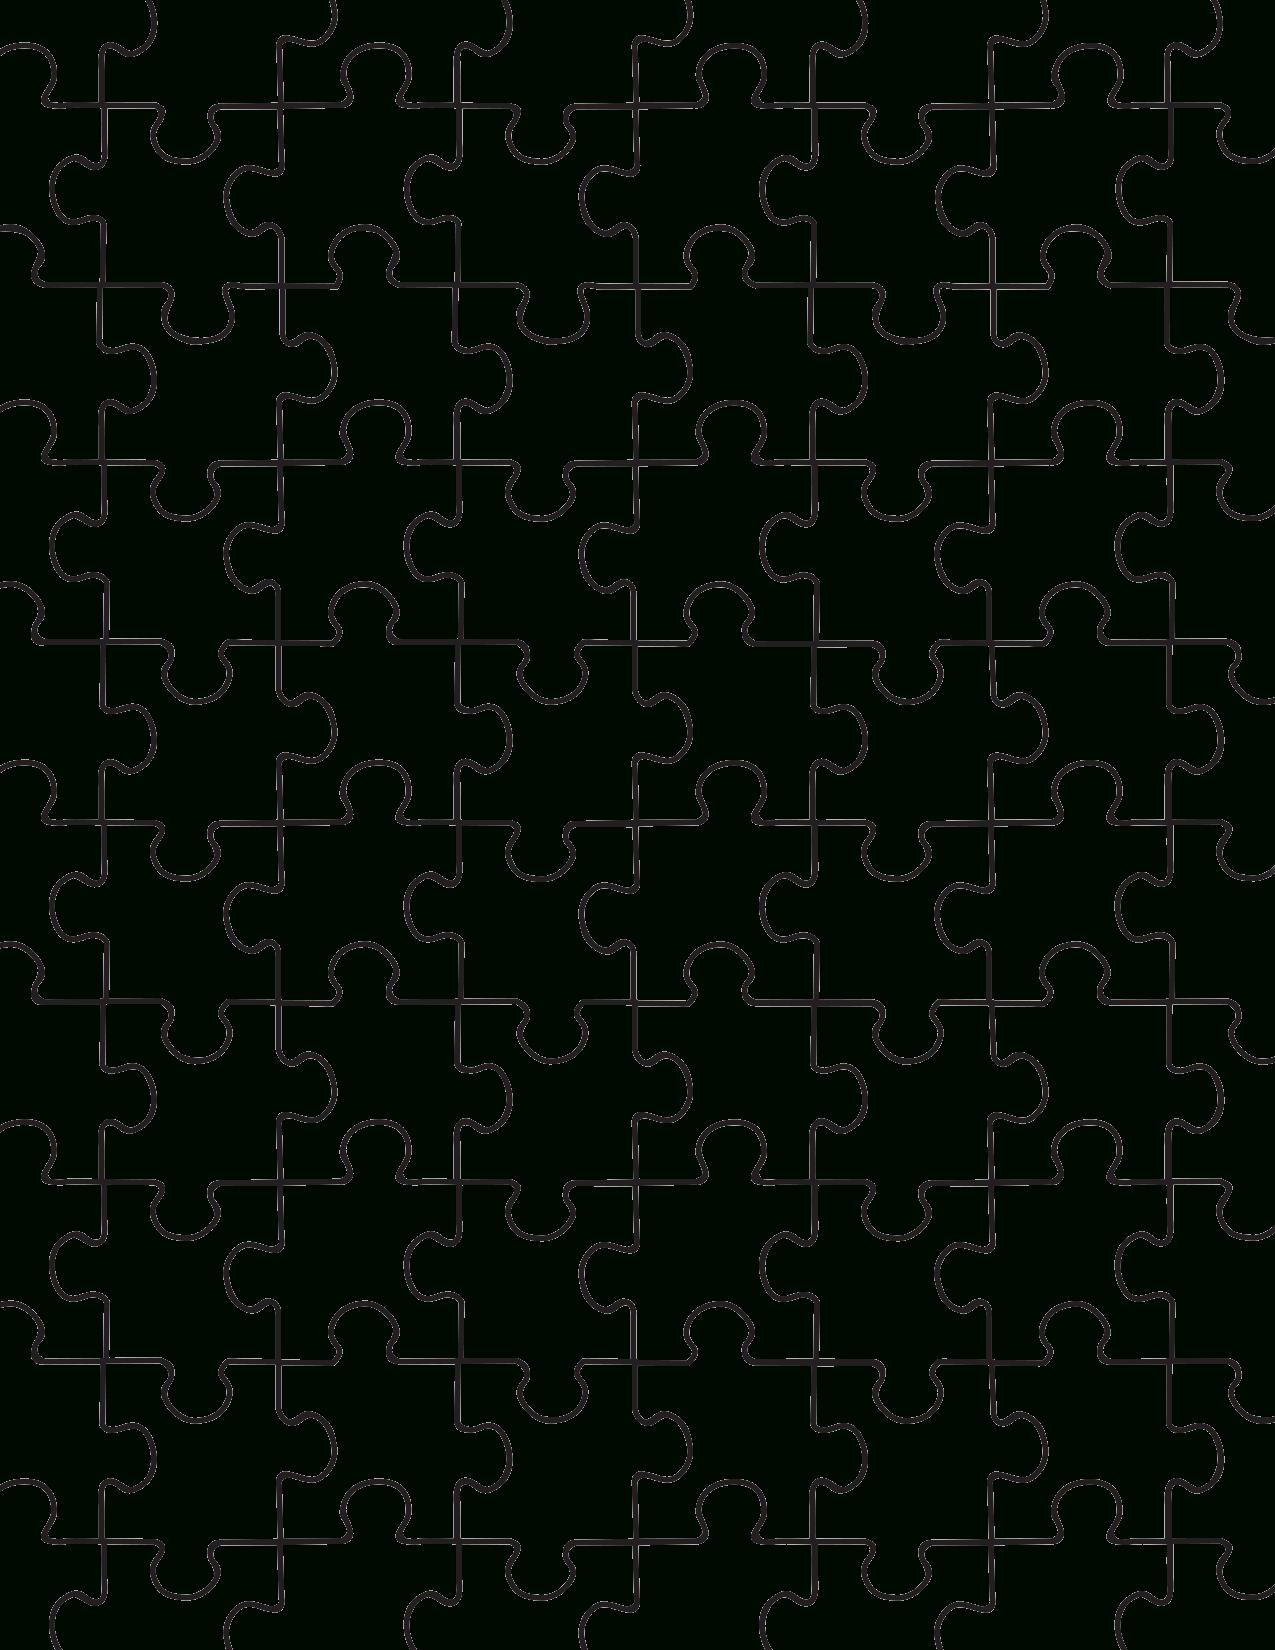 Printable Puzzle Pieces Template   Decor   Puzzle Piece Template - Printable Jigsaw Puzzle Pieces